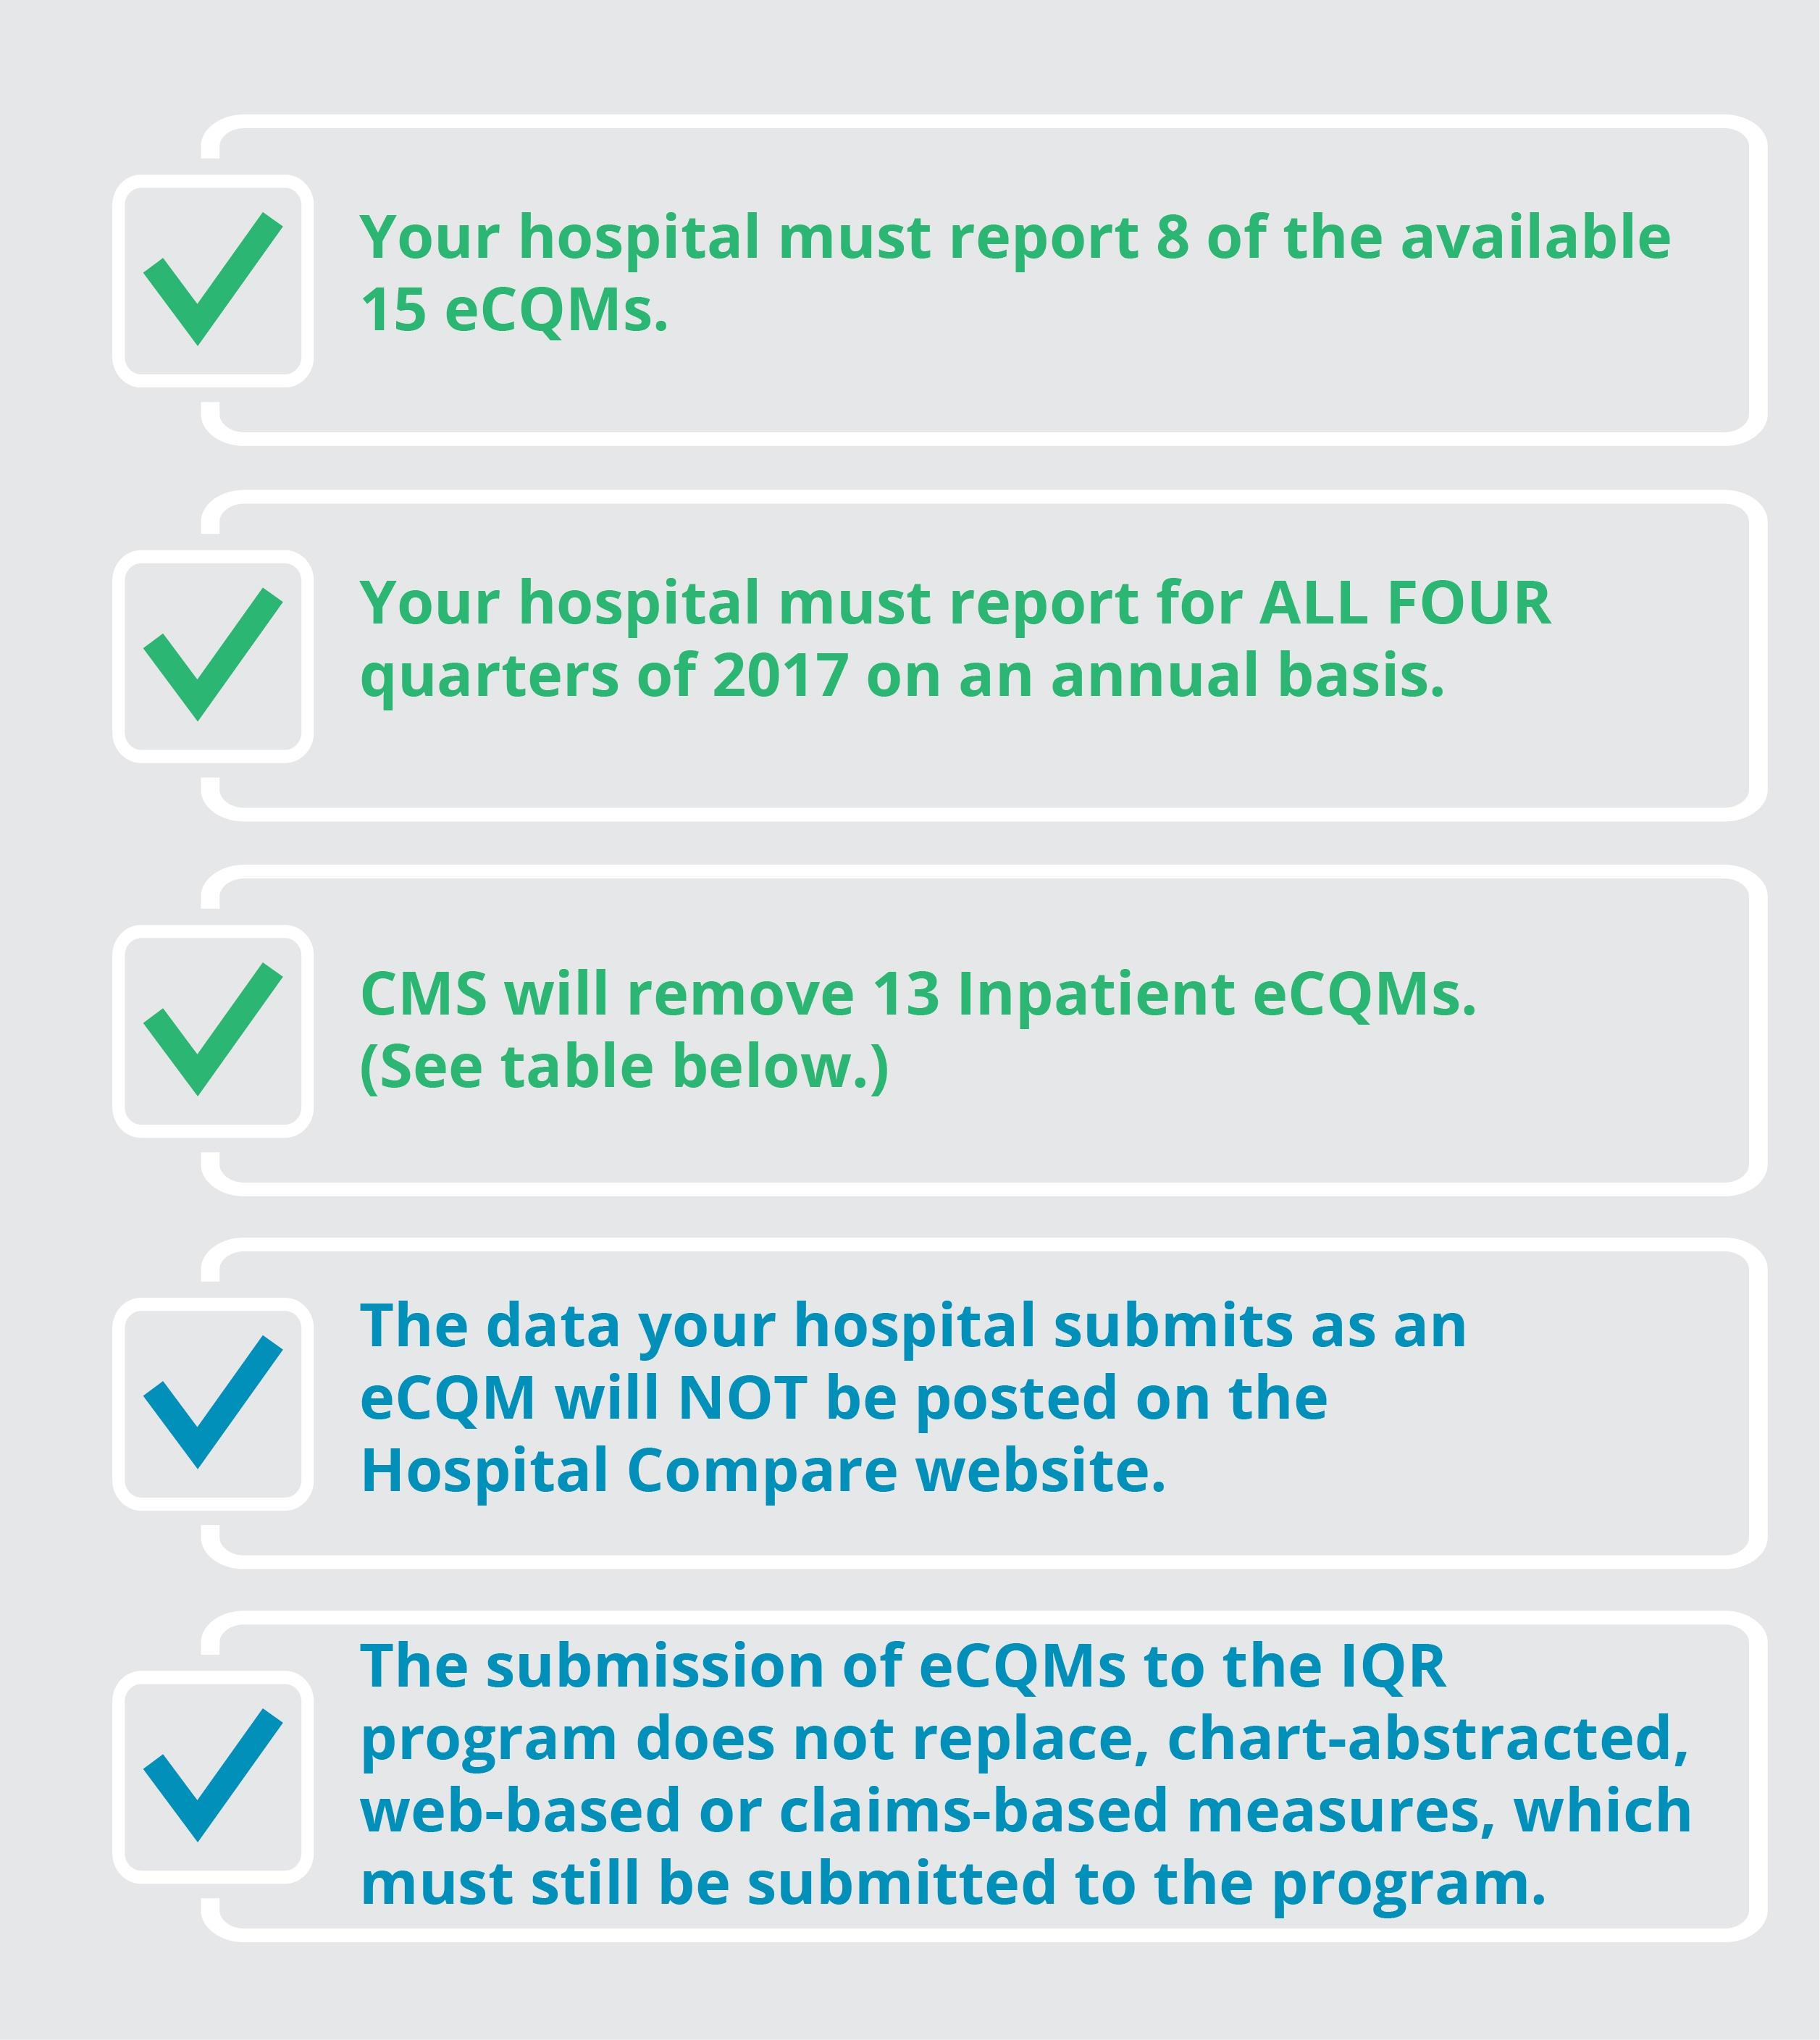 eCQM Requirements 2017